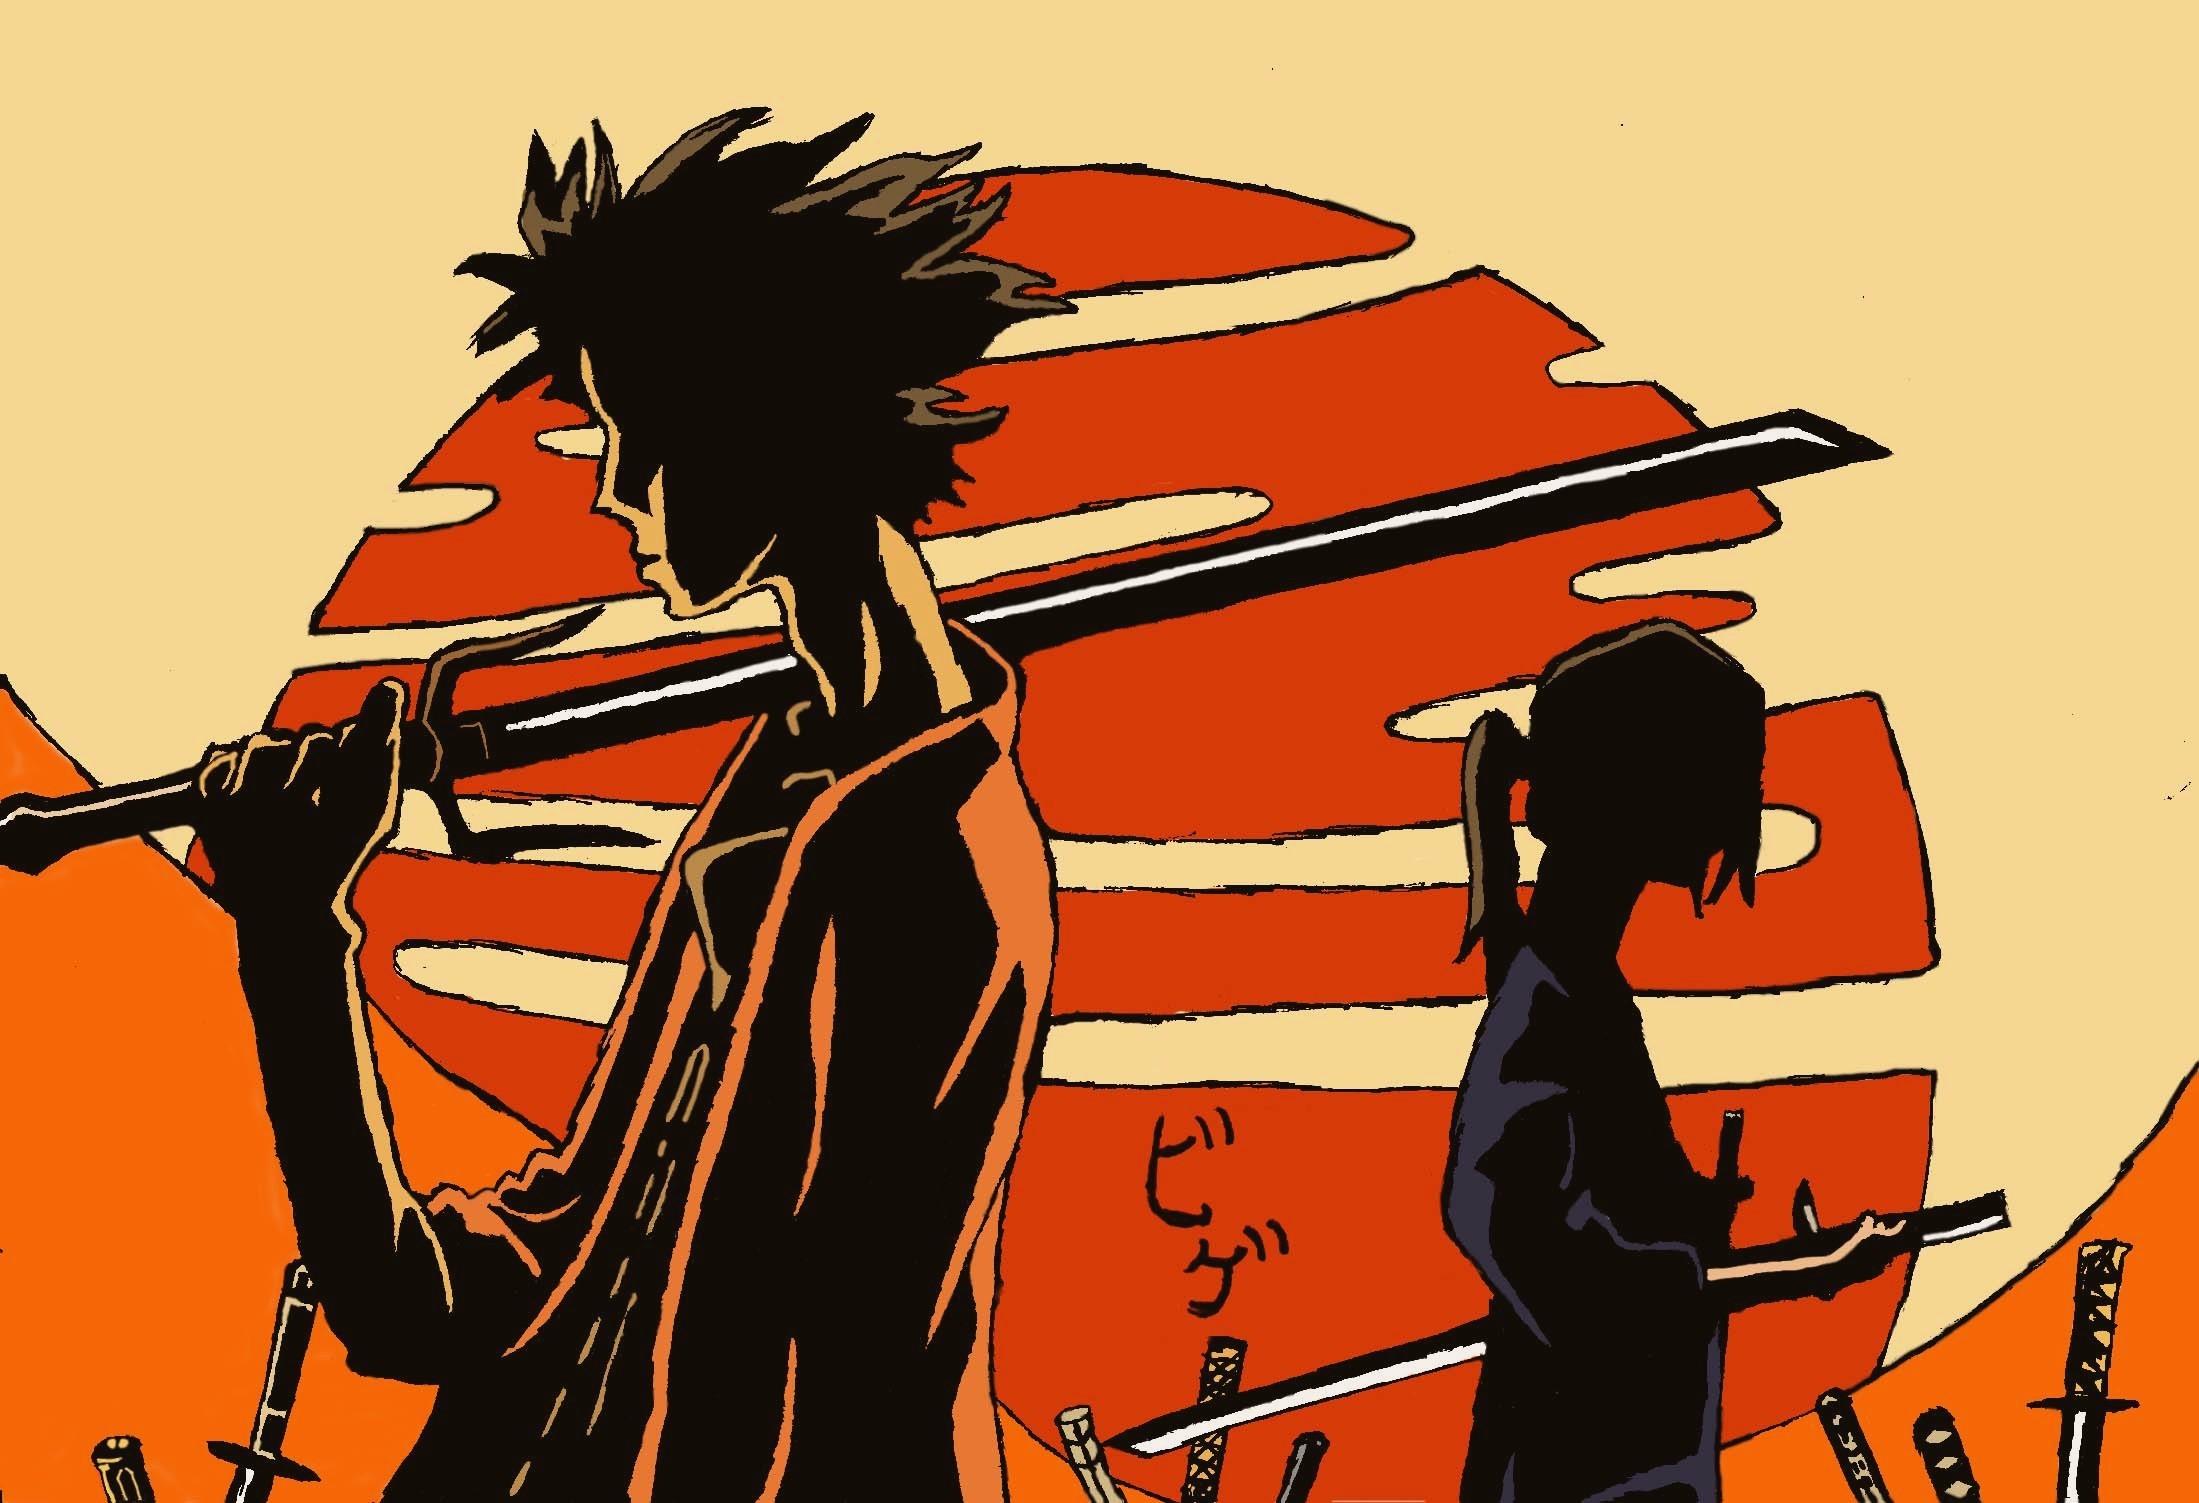 samurai champloo mugen wallpaper hd